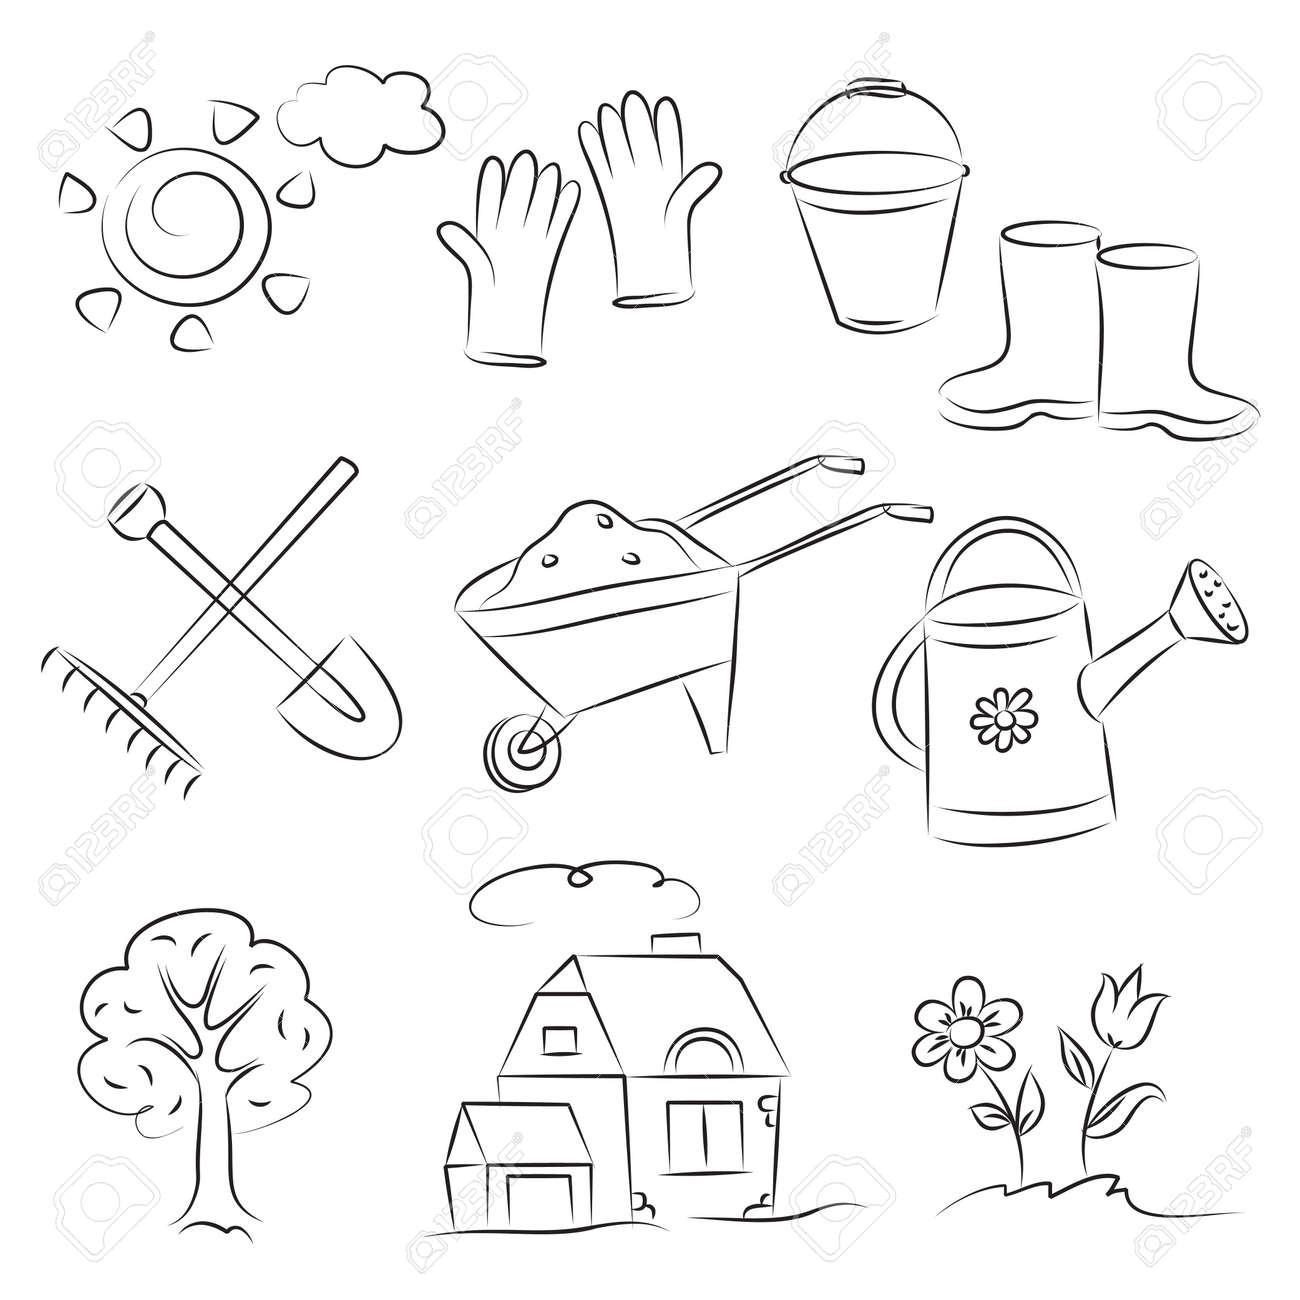 Gardening Sketch Set Stock Vector - 8152647